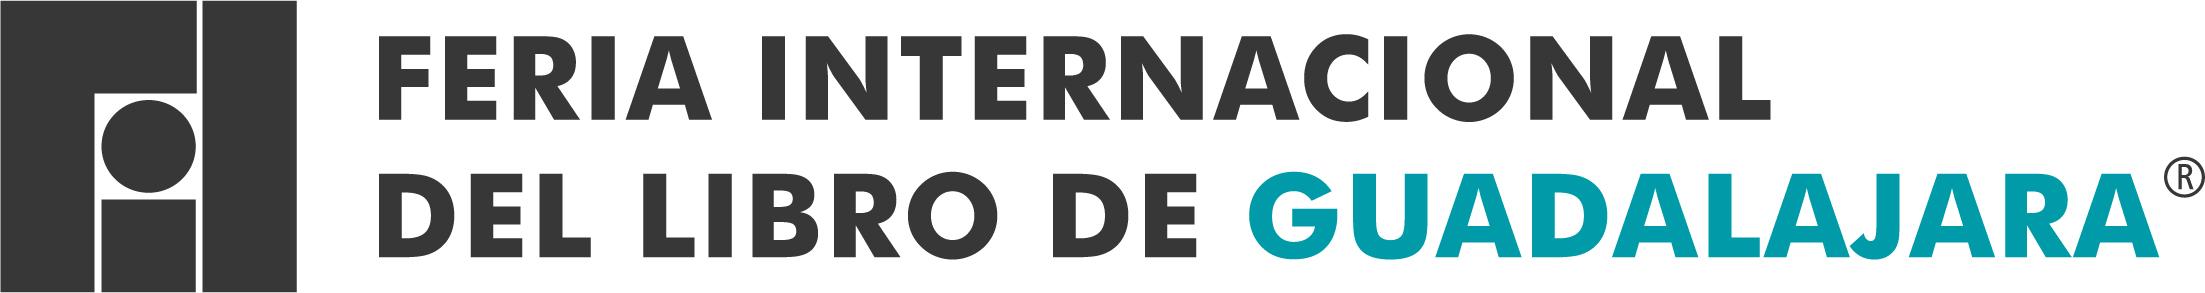 Debate de exhibición FIL 2021